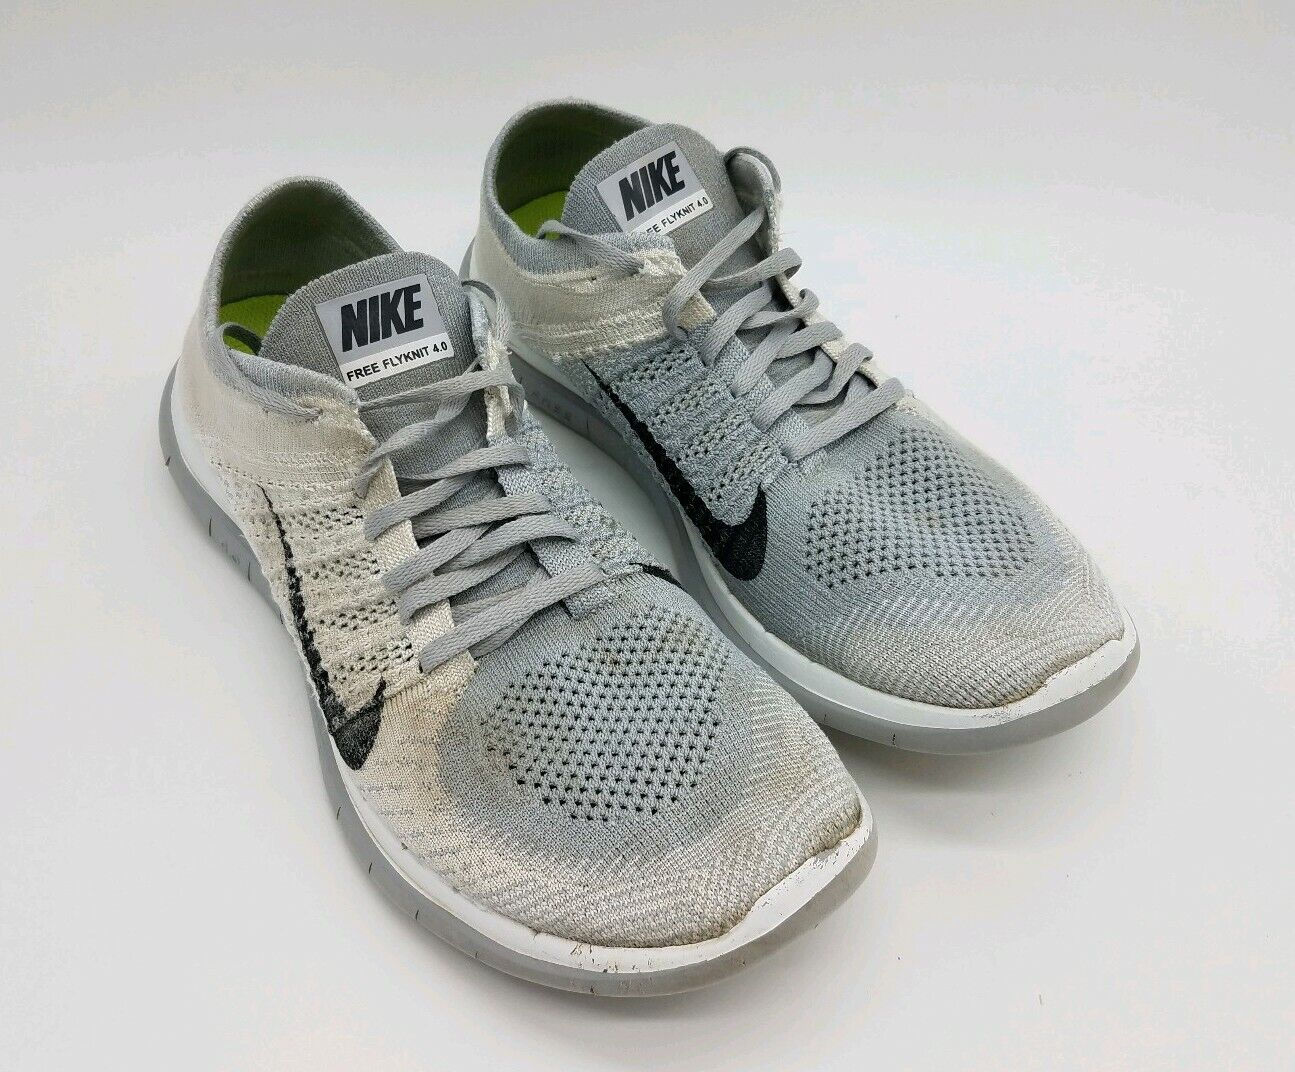 Nike Free 4.0 Flyknit Men's Shoes Silver Black White 631053 101 Size 10.5